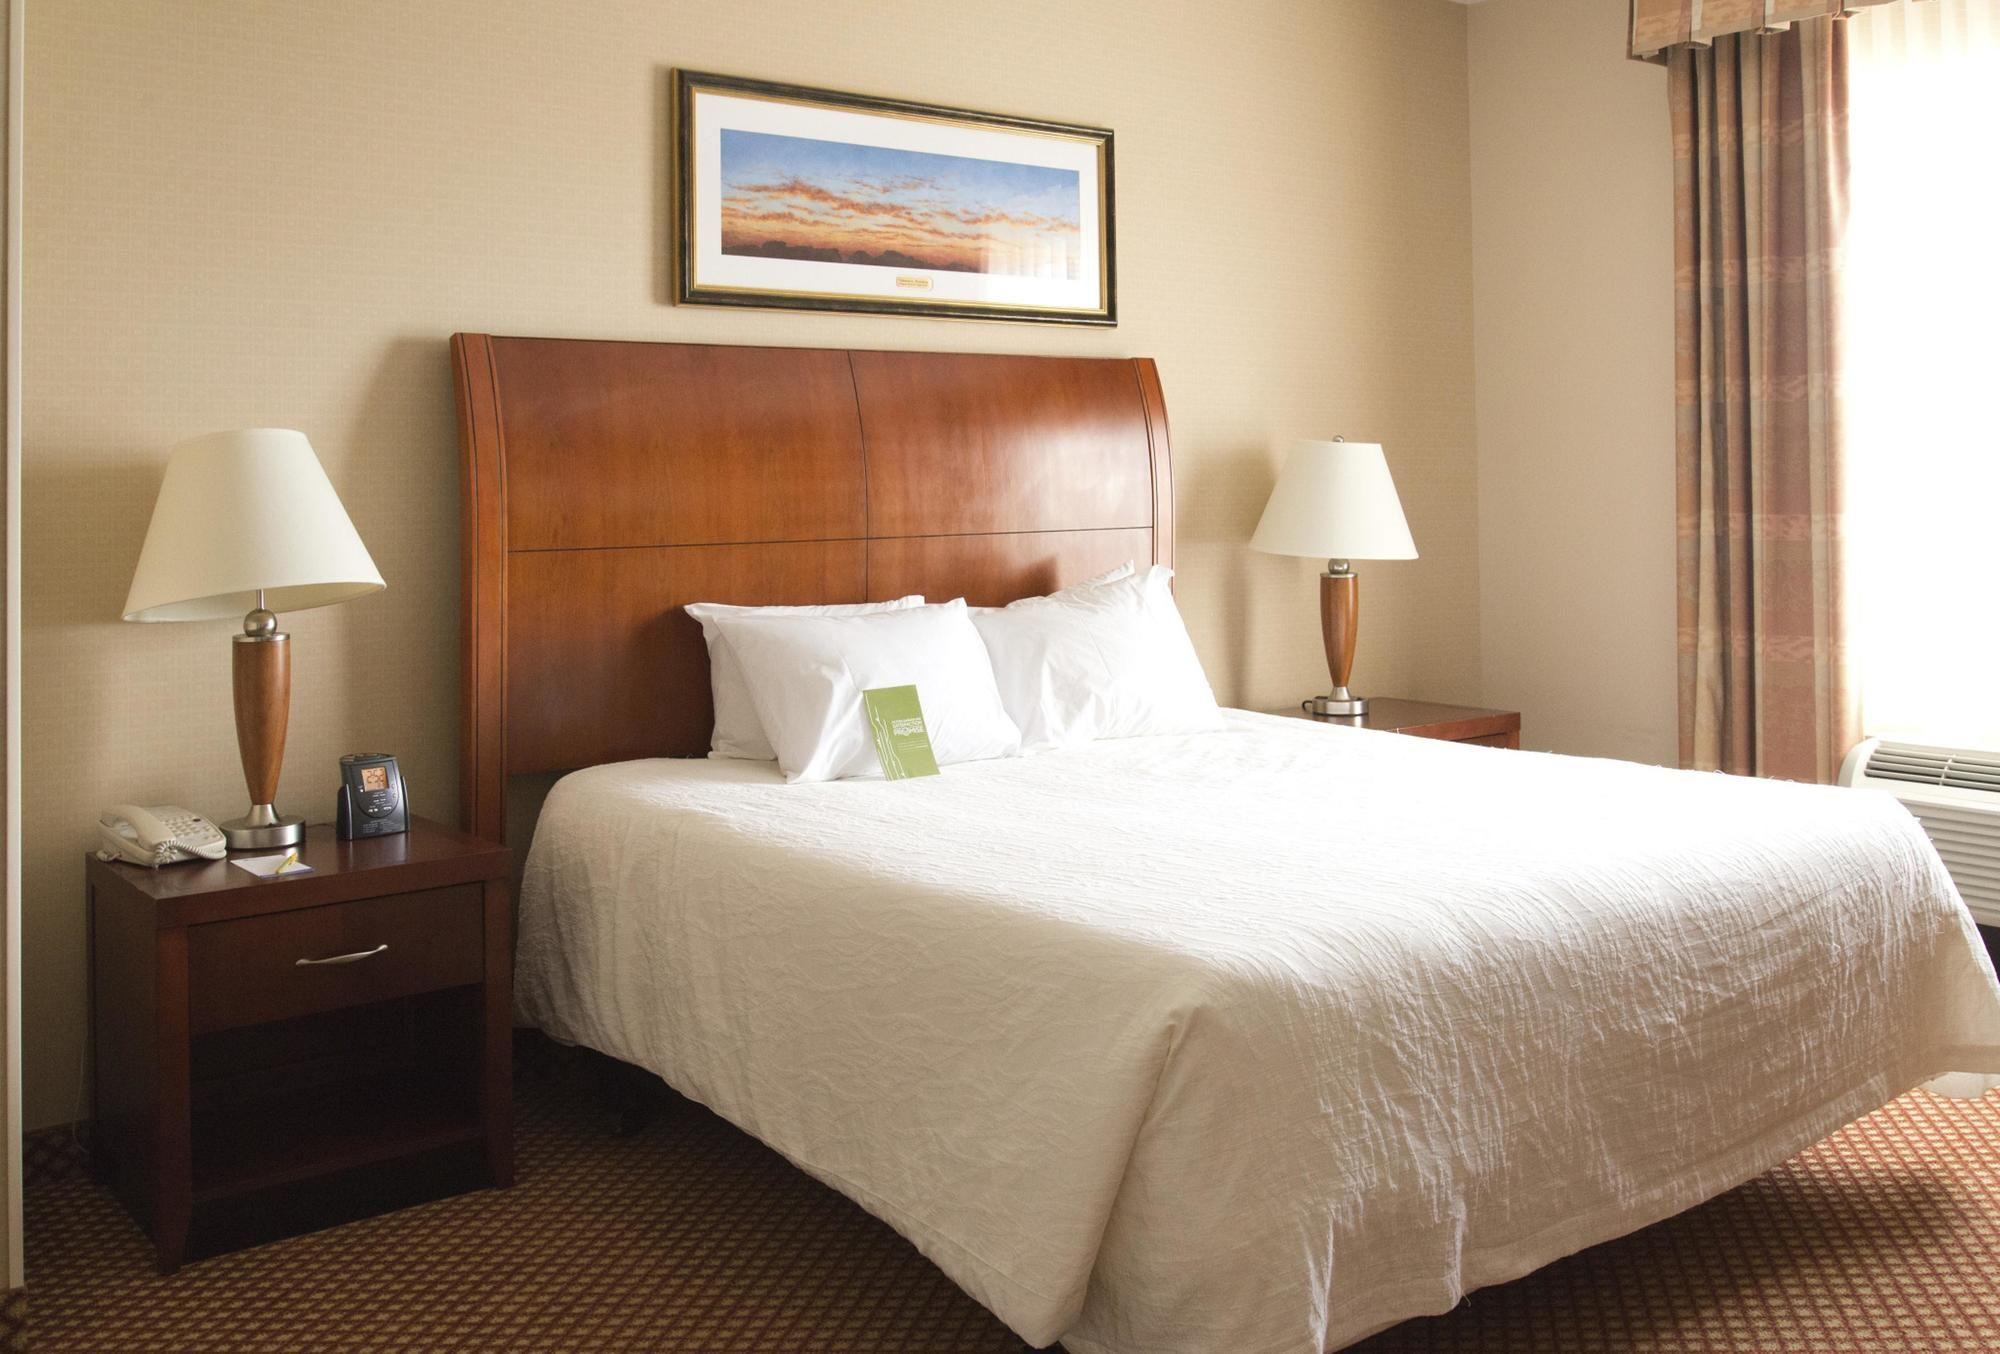 ... WY Hilton Garden Inn Laramie In Laramie, WY